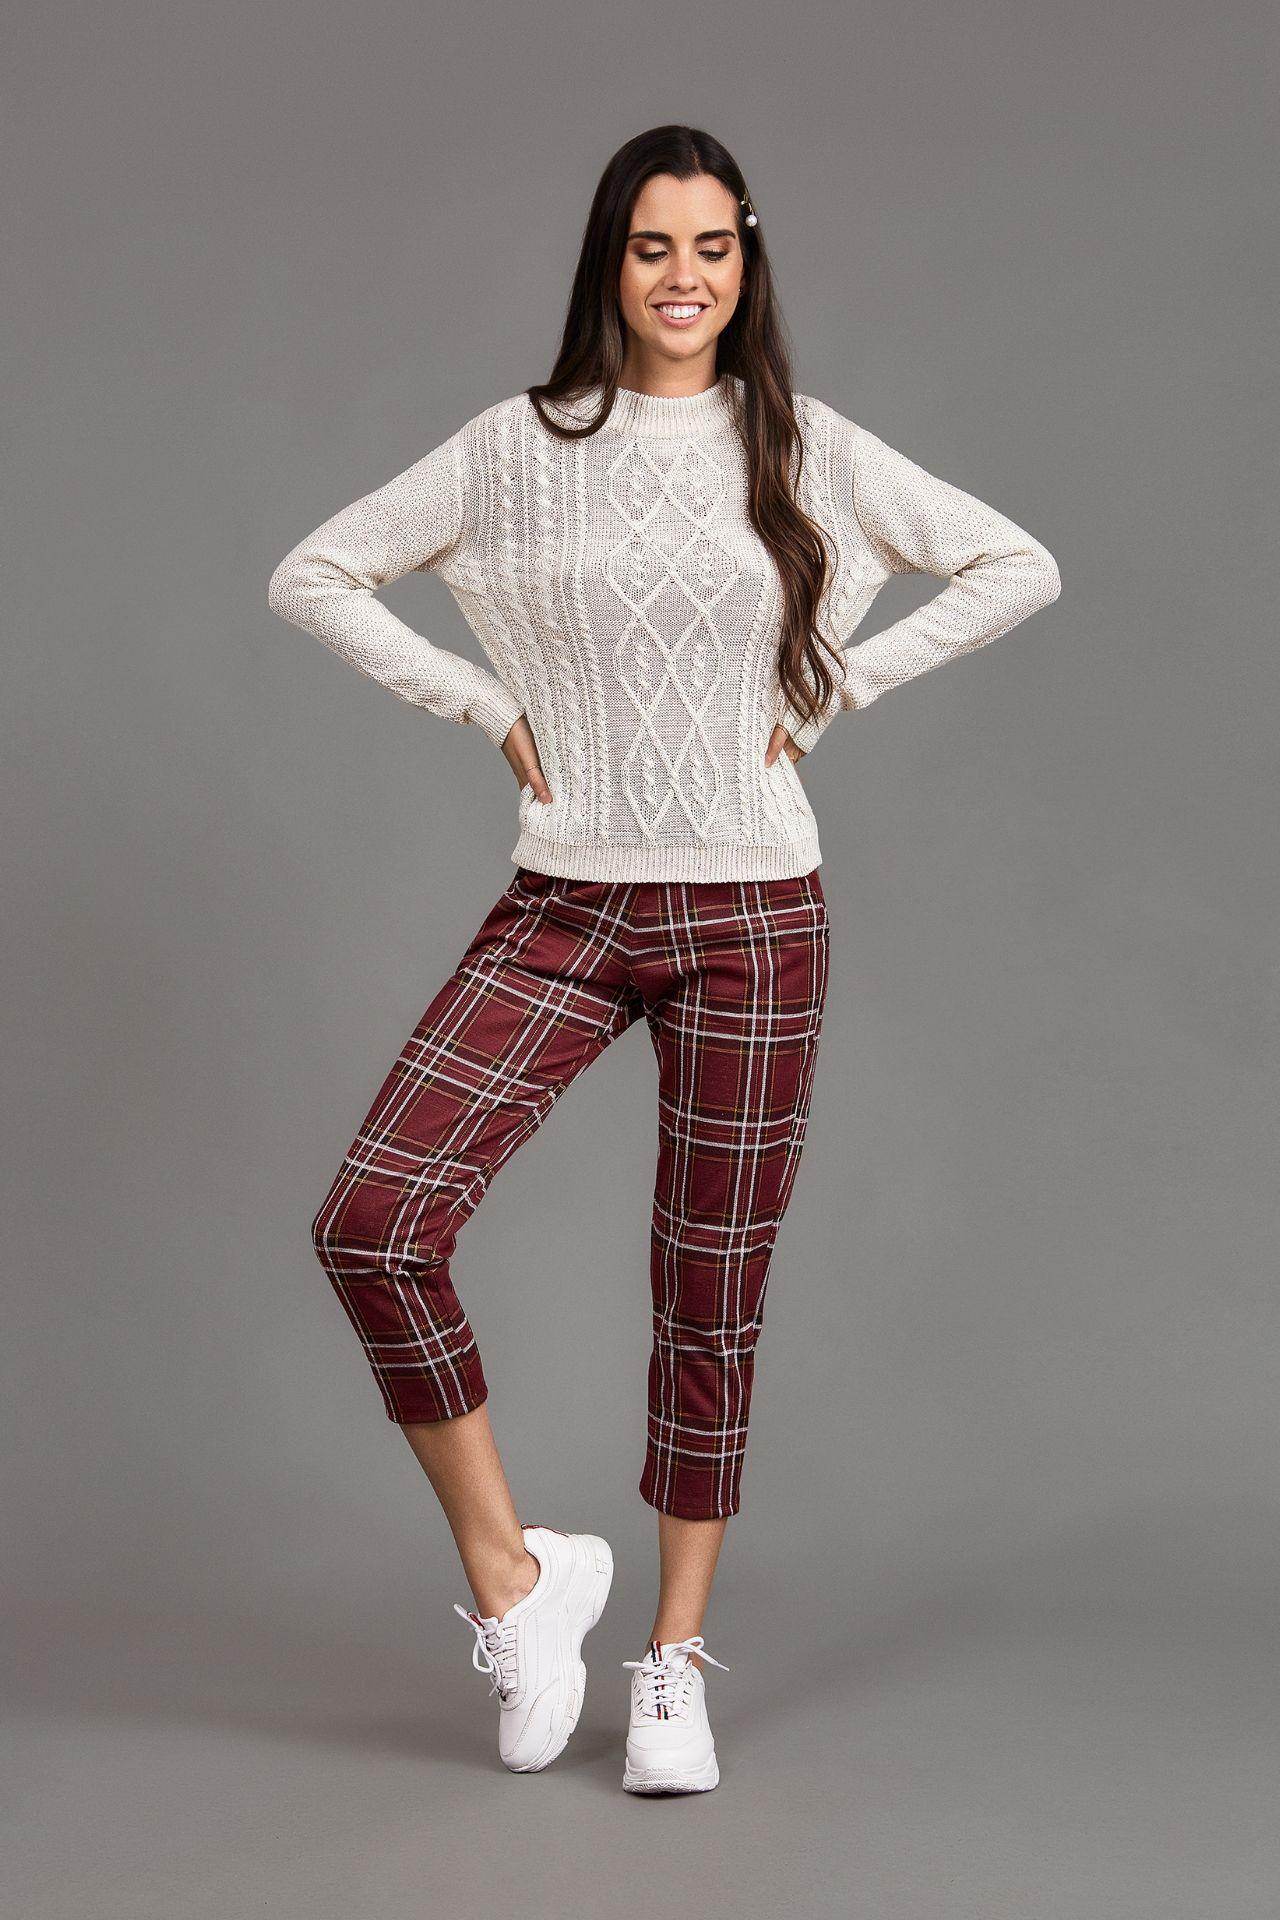 Pantalon a cuadros en jacquard con bolsillos y elástico en la cintura.